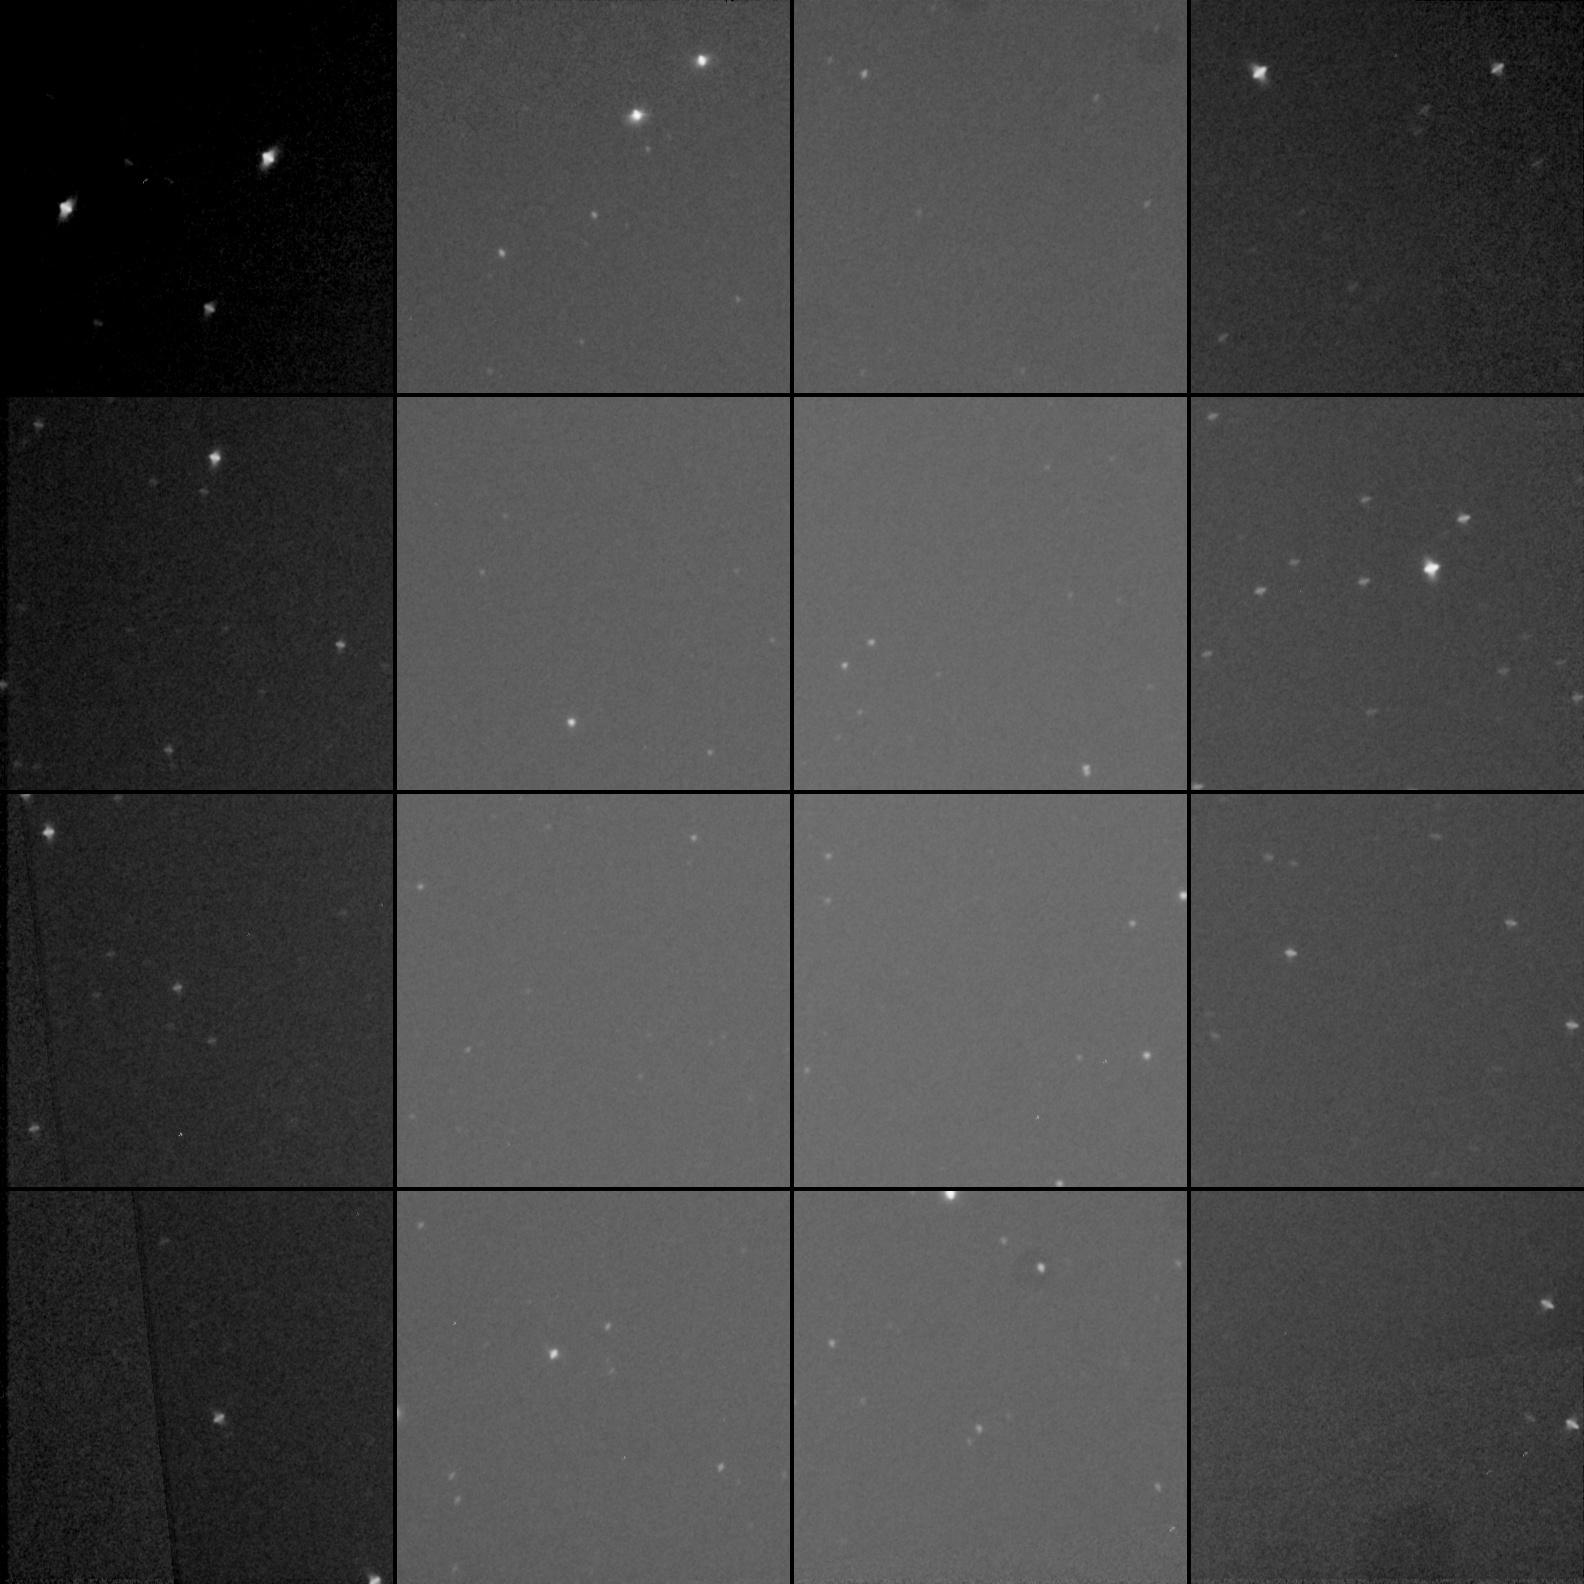 Mean_EOS550_Copy_Copy_Lum_Scaled_mosaic01.jpg